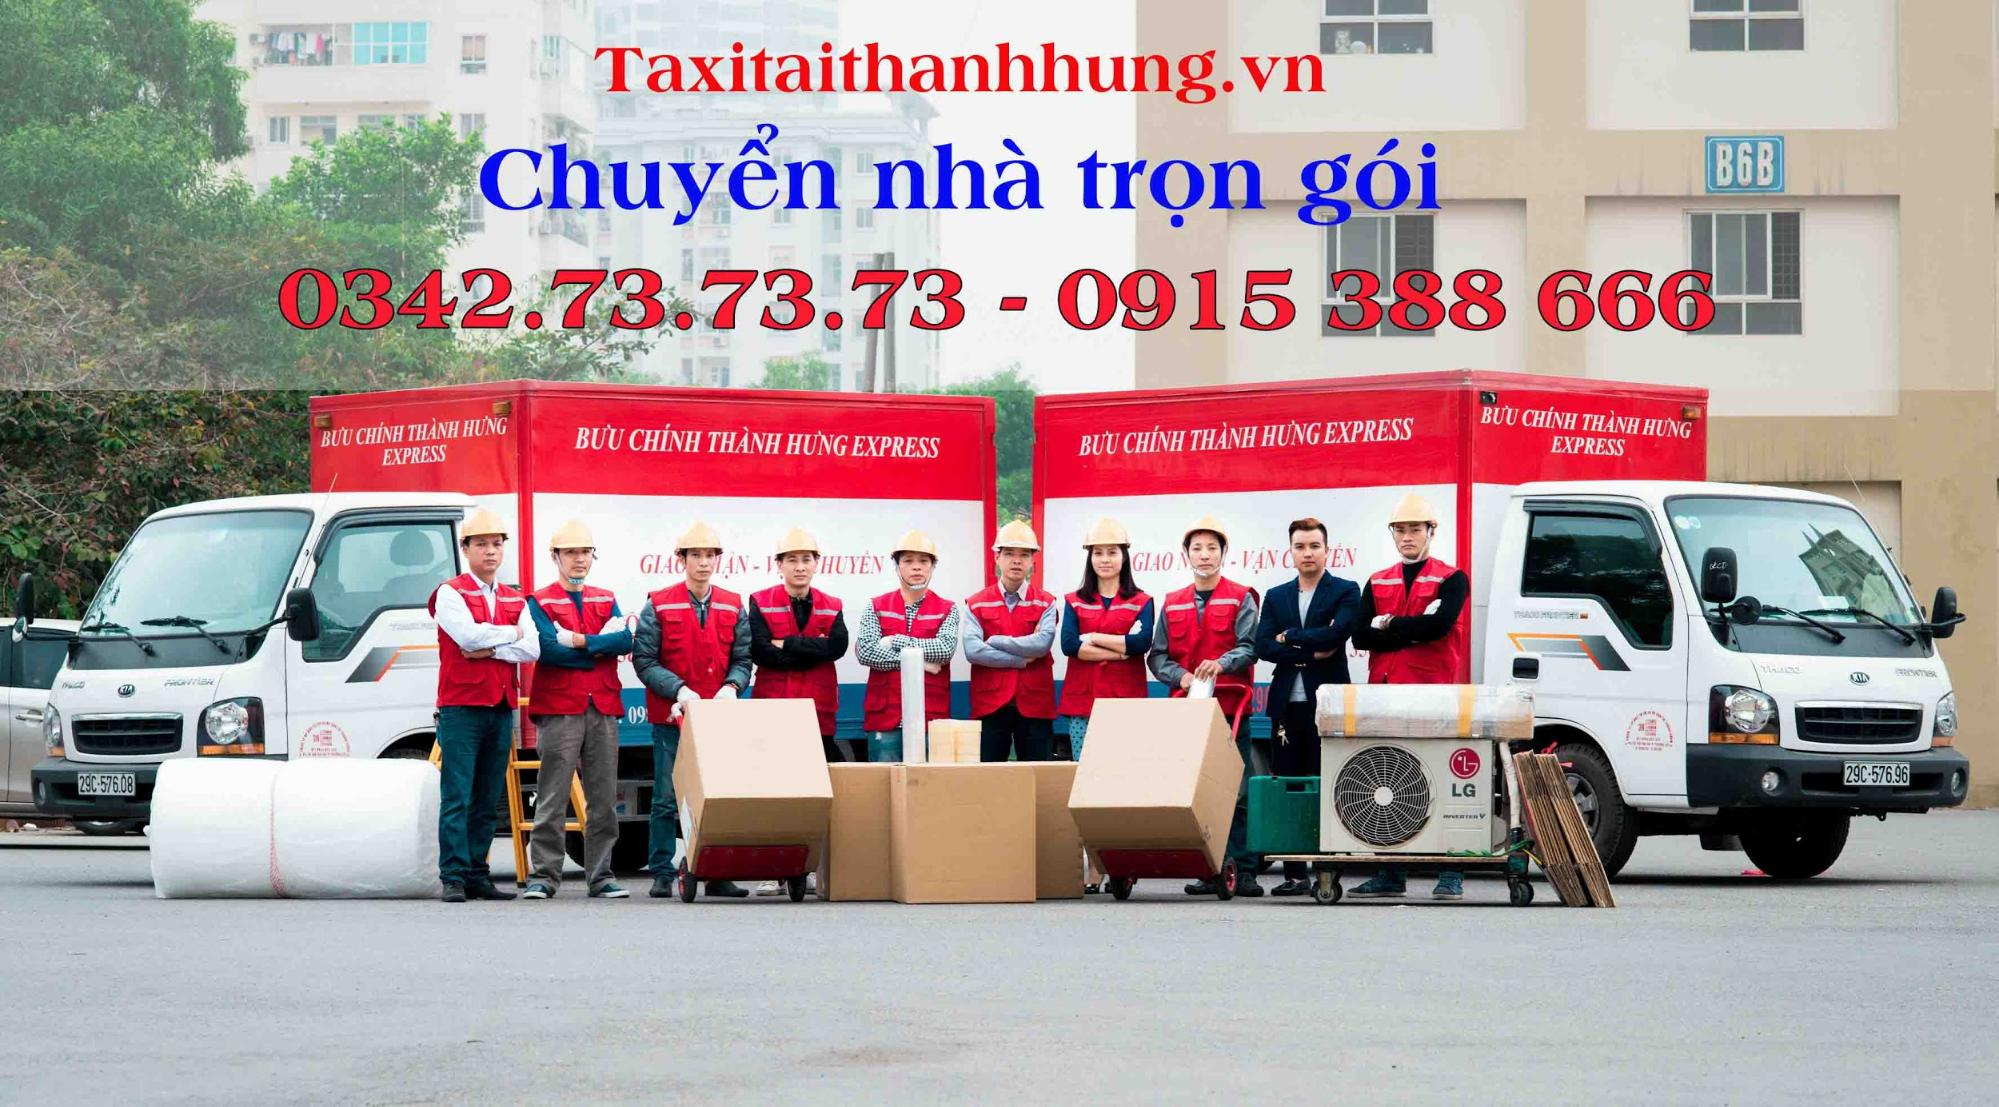 Dịch vu chuyêrn nhà - chuyển văn phòng trọn gói Thành Hưng